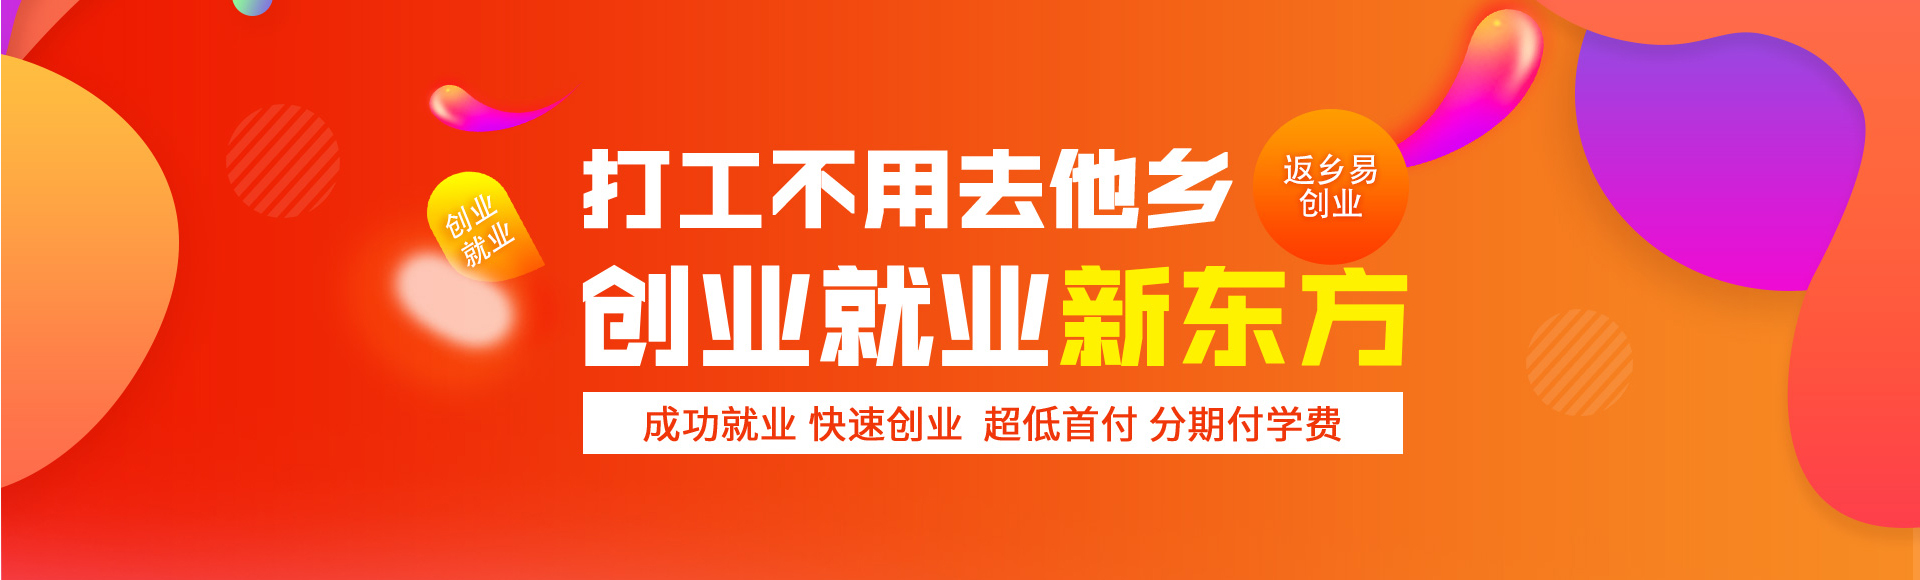 青海新东方打工返乡